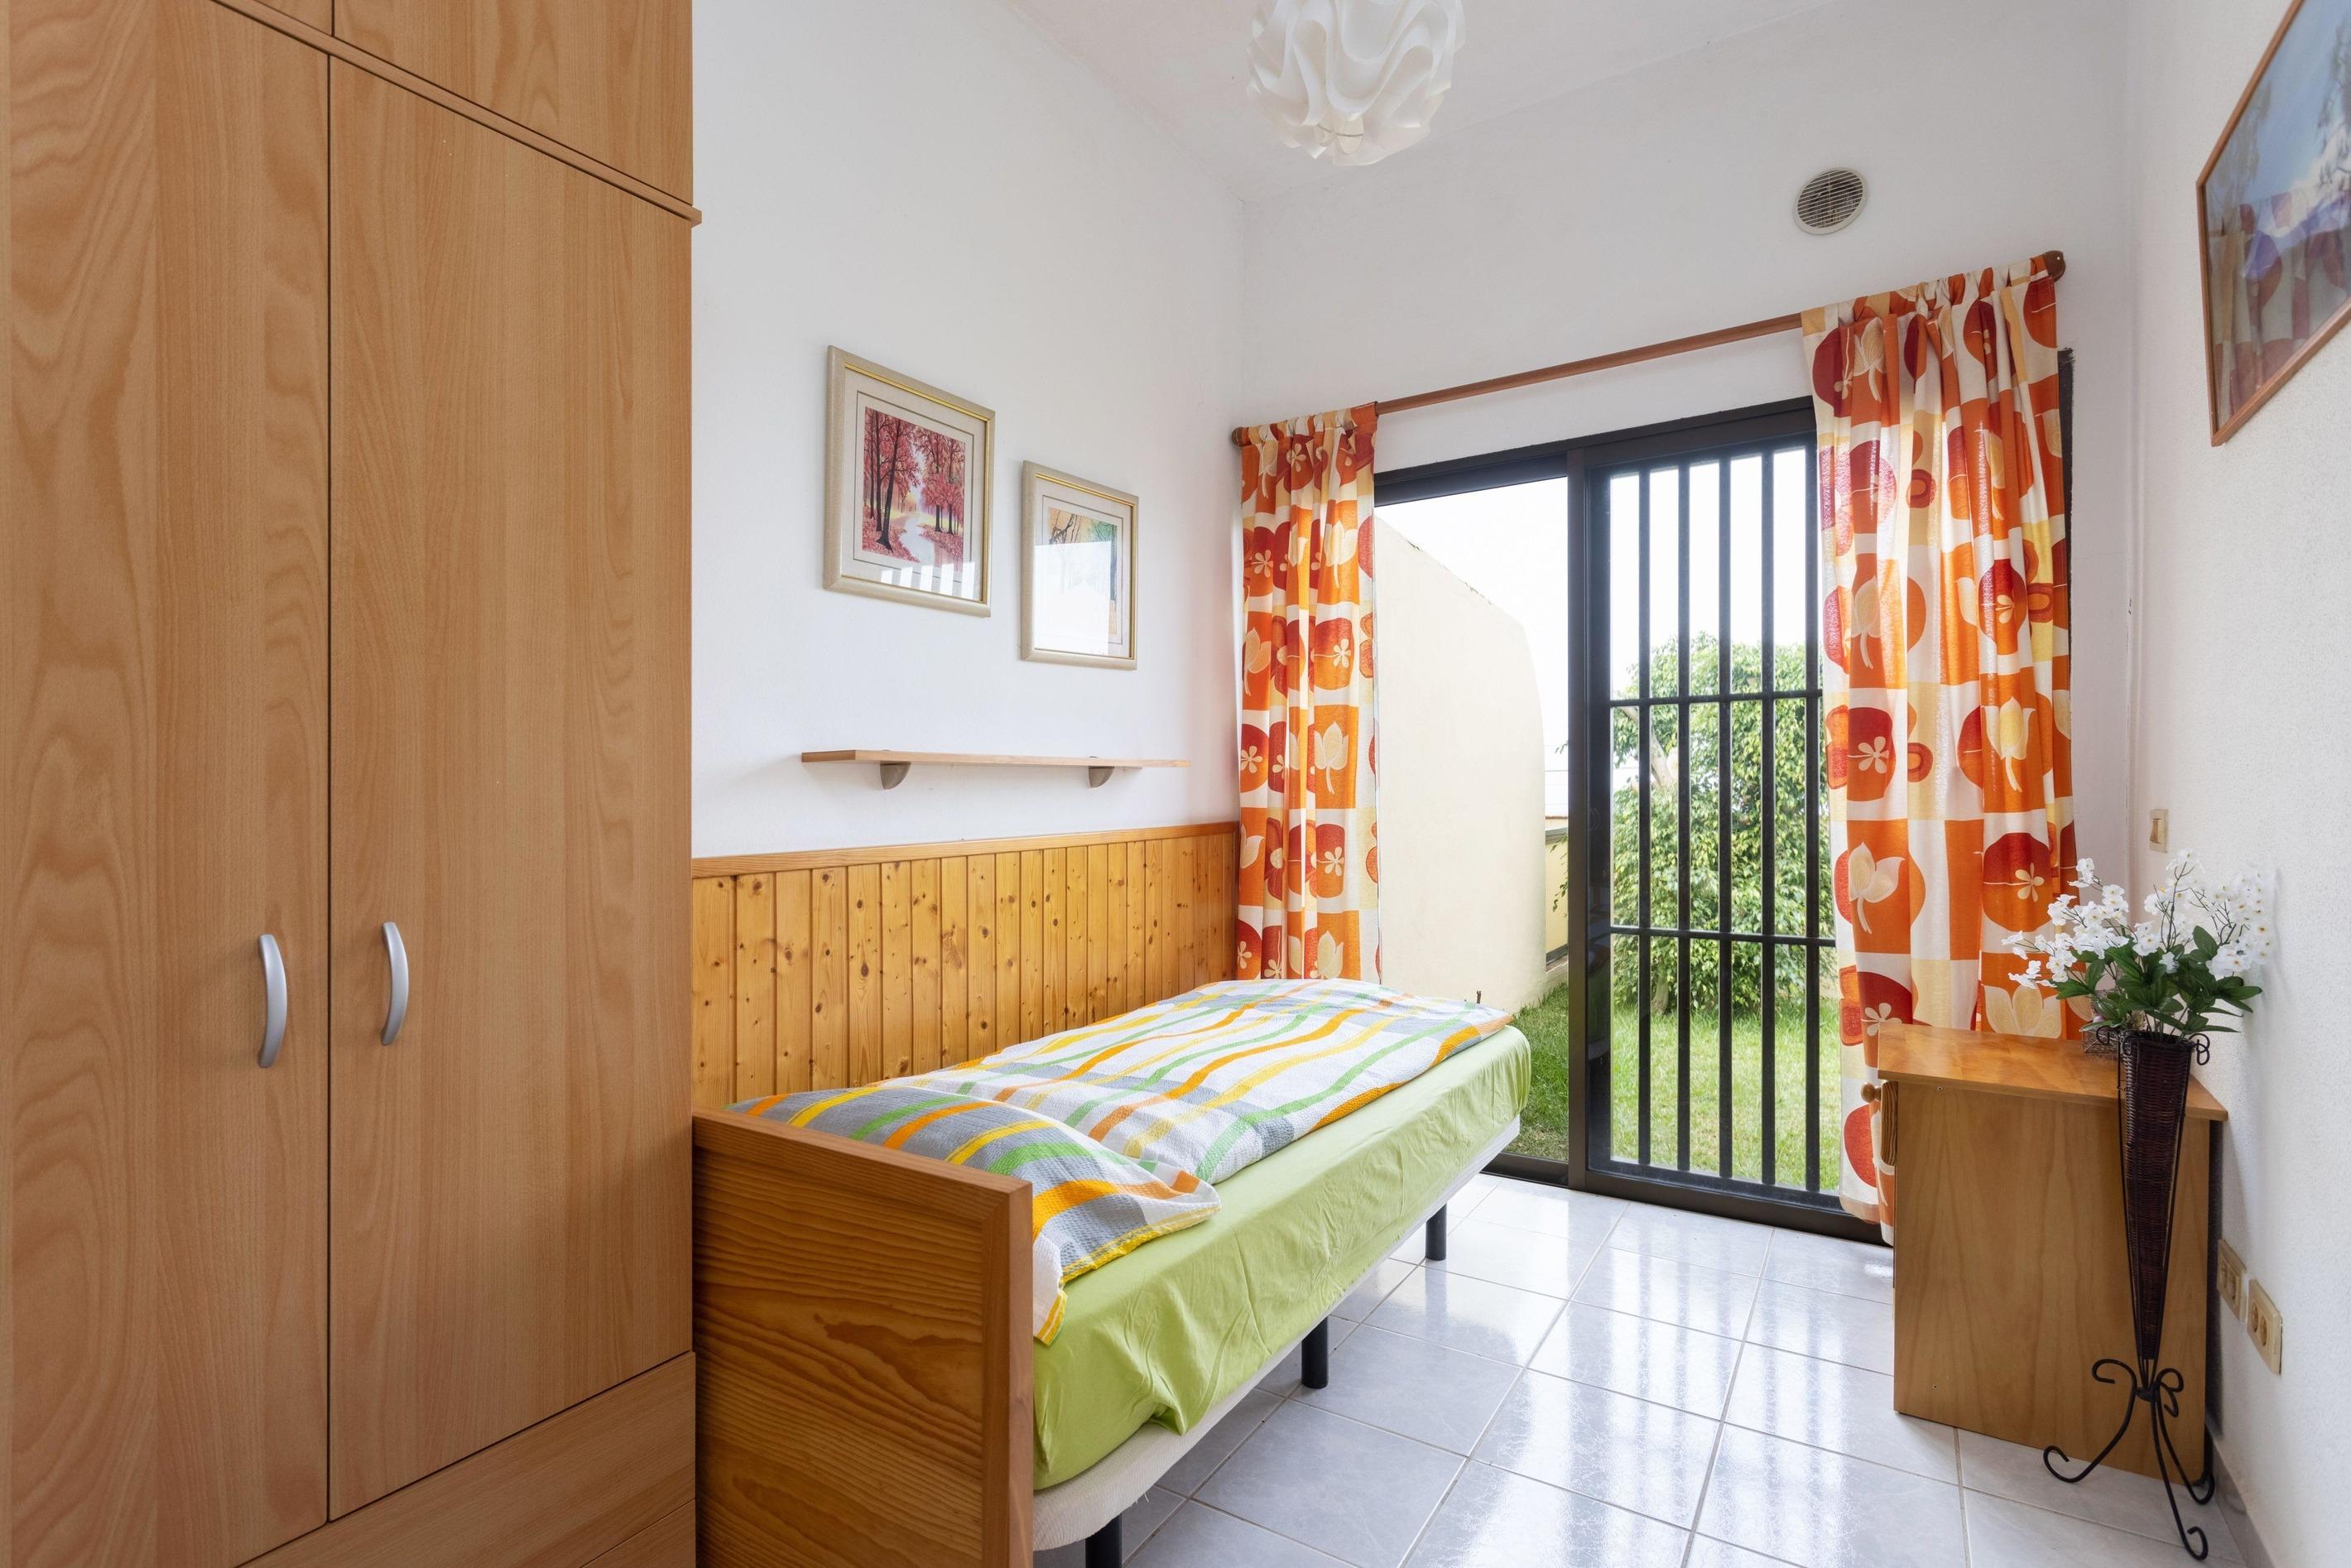 Appartement de vacances Fewo Solymar, mit 2 Schlafzimmern, 2 Bädern, eigener Terrasse und Garten, Meerblick, Pool, (2492986), Santa Ursula, Ténérife, Iles Canaries, Espagne, image 17